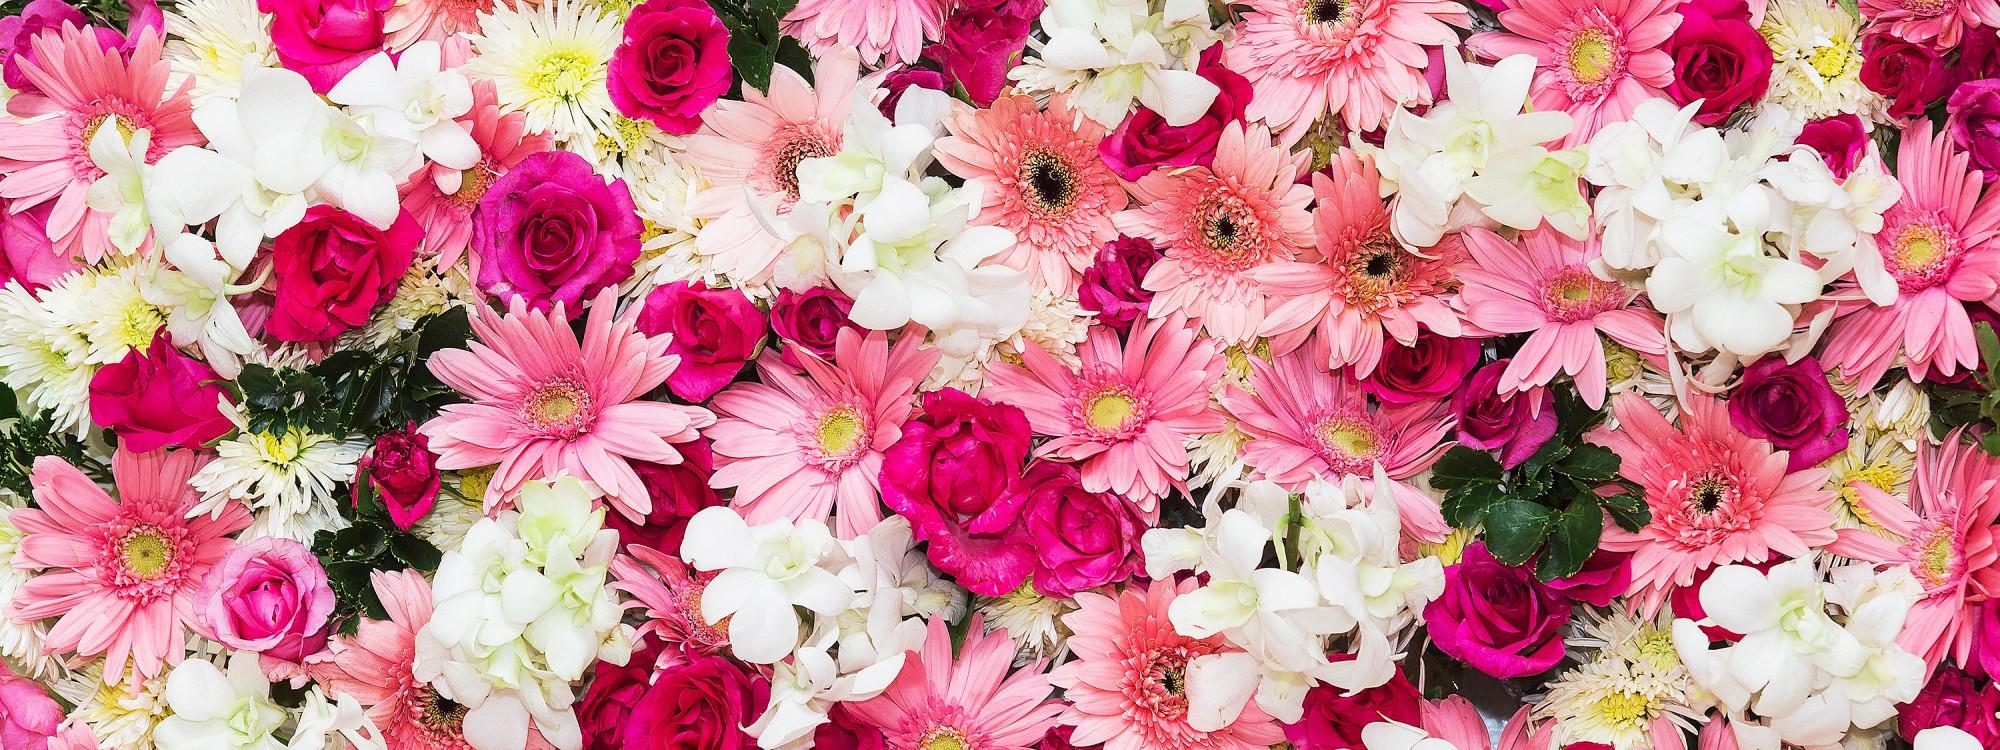 Flowers by karen florist in kilmarnock 01563 522233 online shop izmirmasajfo